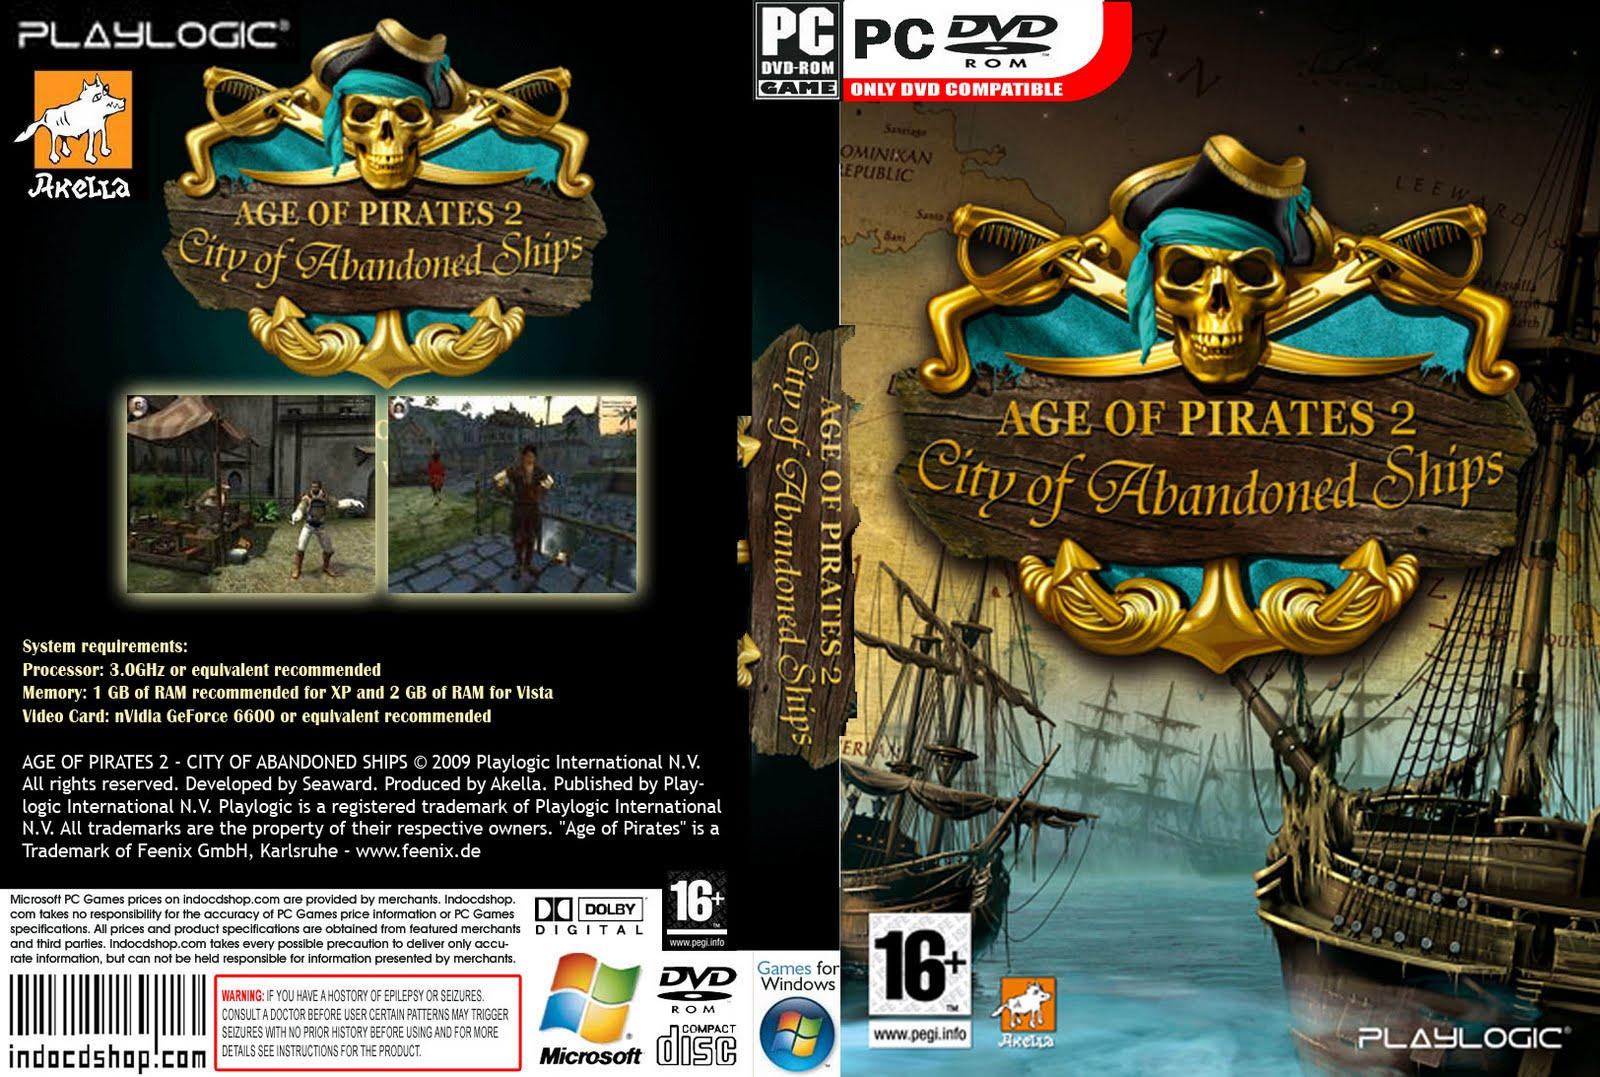 Pirate ii free download